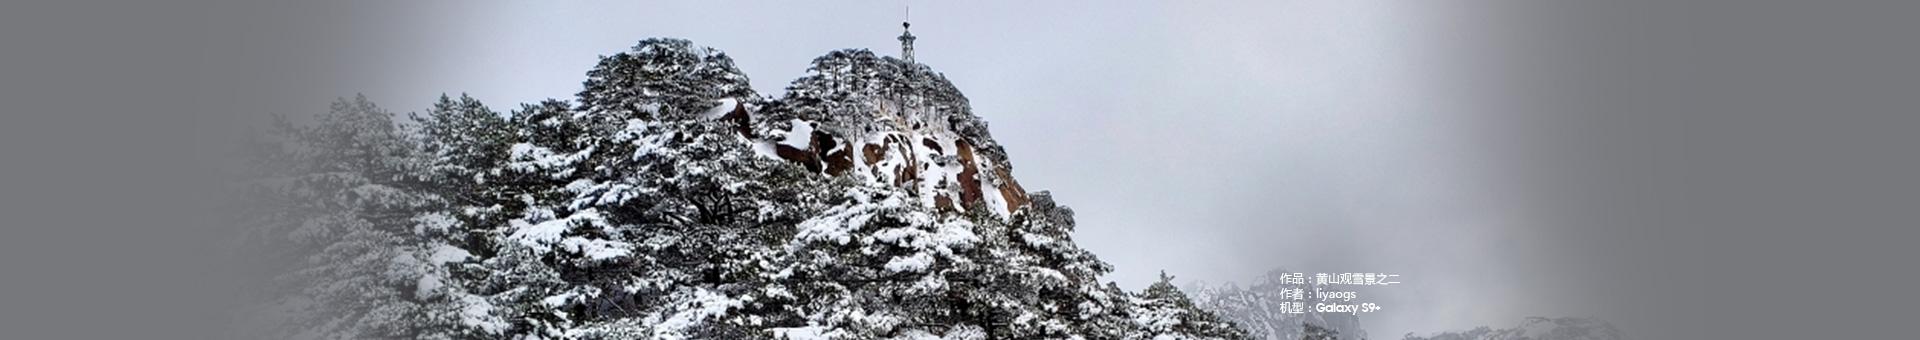 黄山观雪景之二